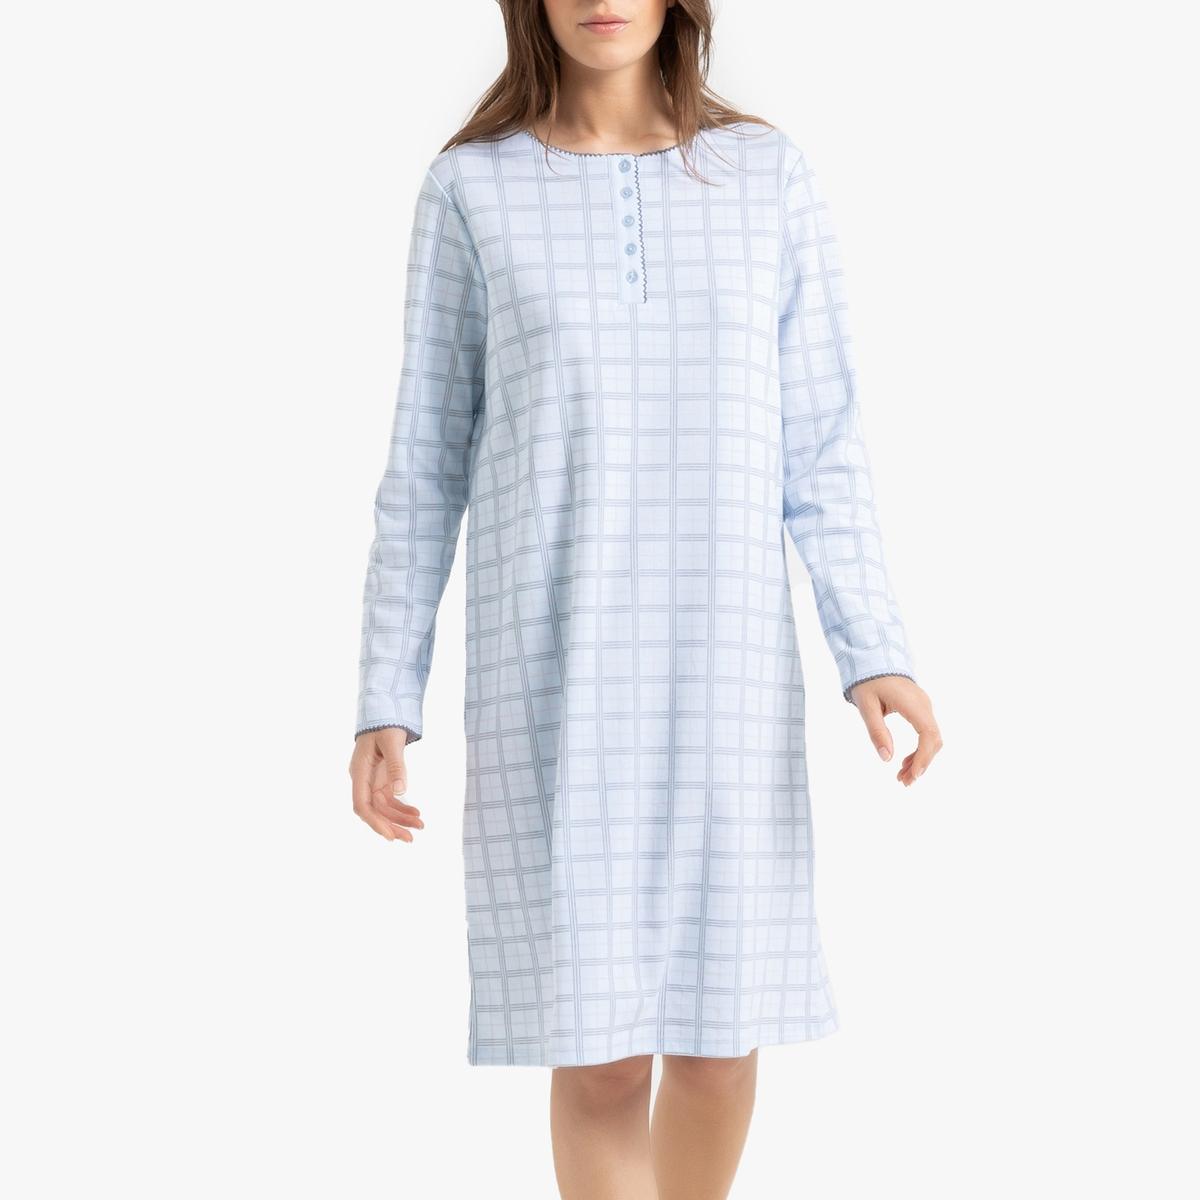 Ночная La Redoute Рубашка в клетку с длинными рукавами 34/36 (FR) - 40/42 (RUS) синий цена